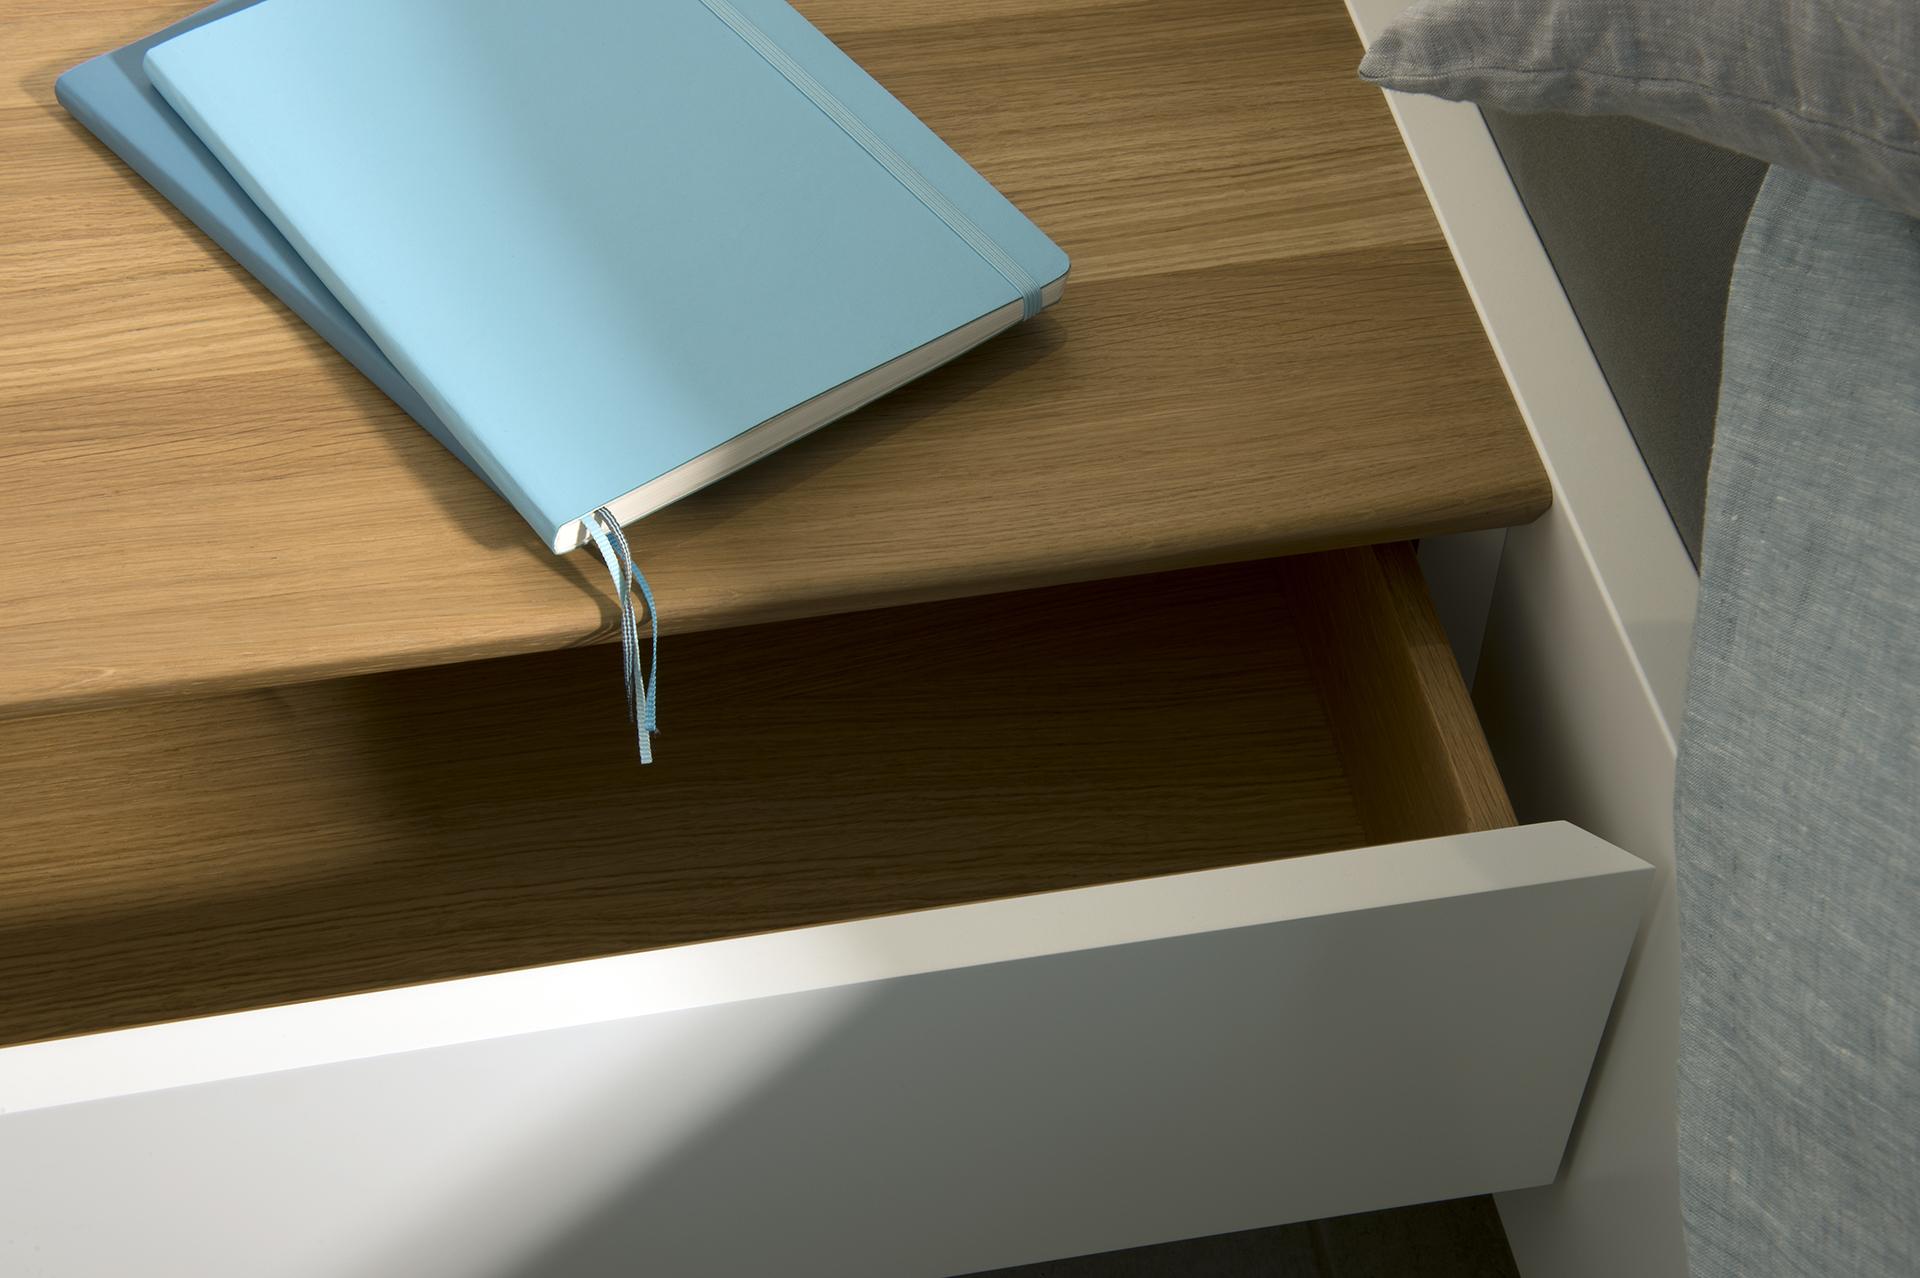 Schublade Design abgeschrägte Kante, Koepke und Kasiske, Tischlerei Rügen